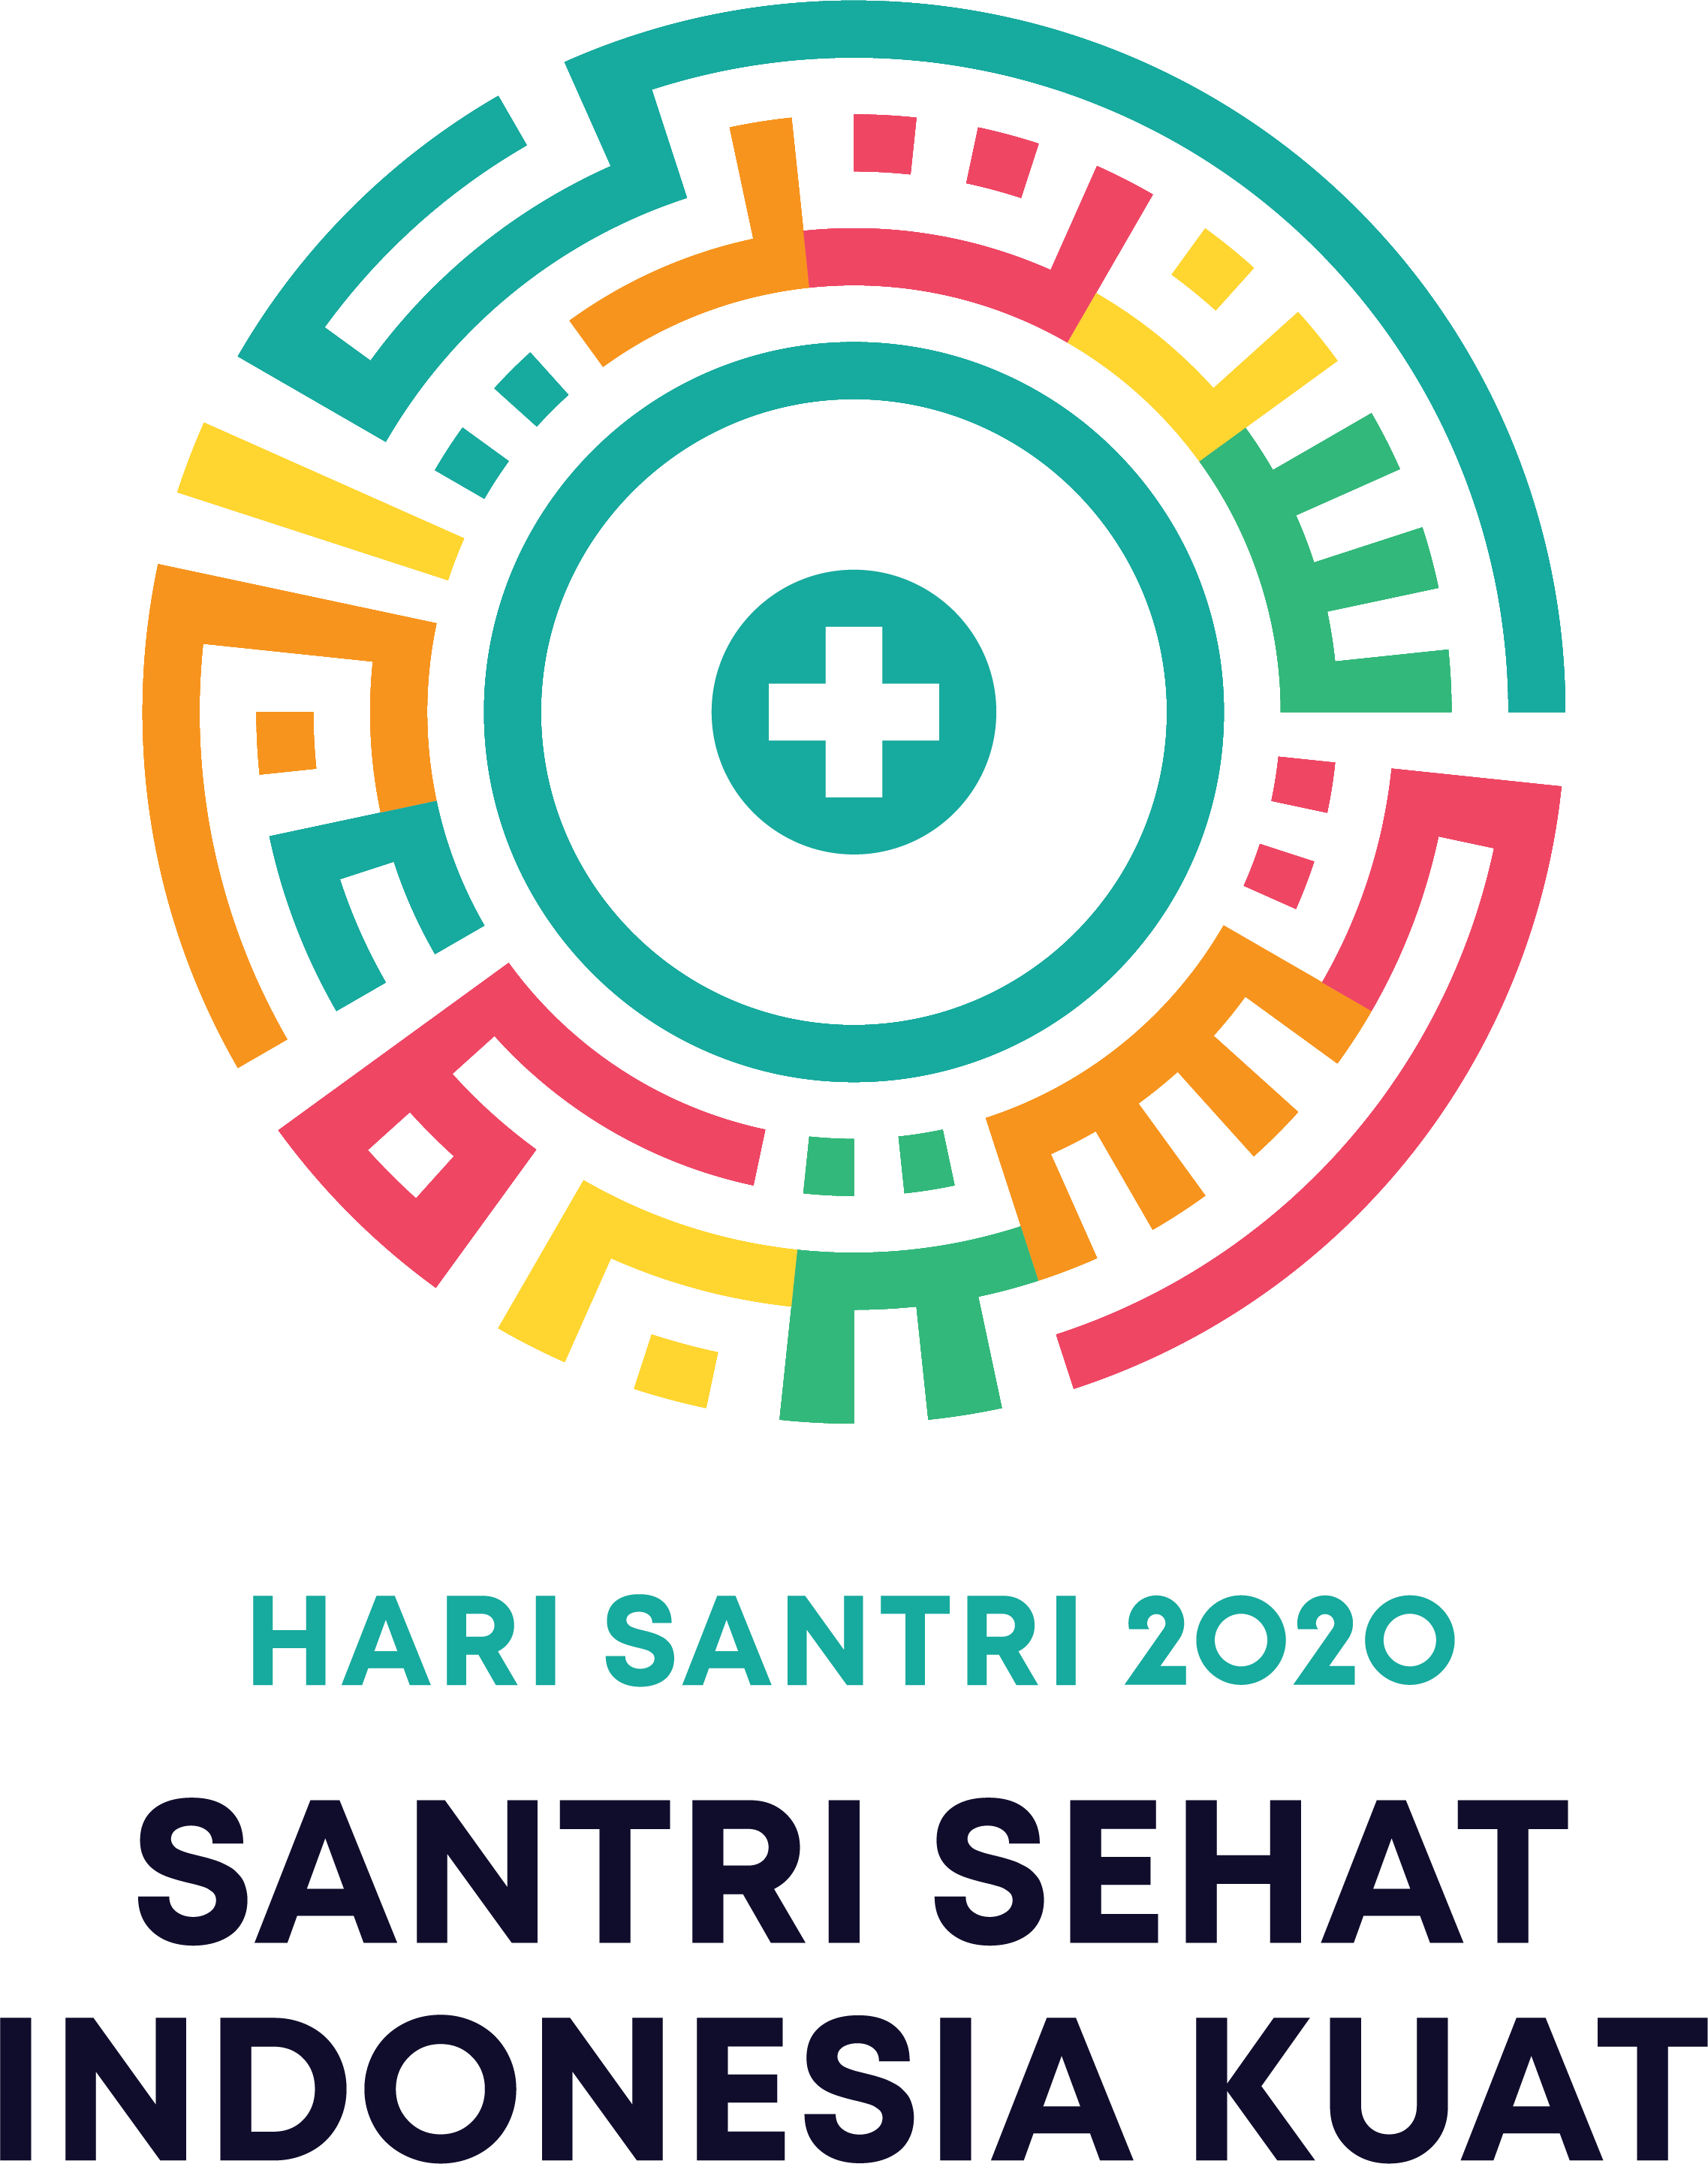 logo_Hari_Santri.png